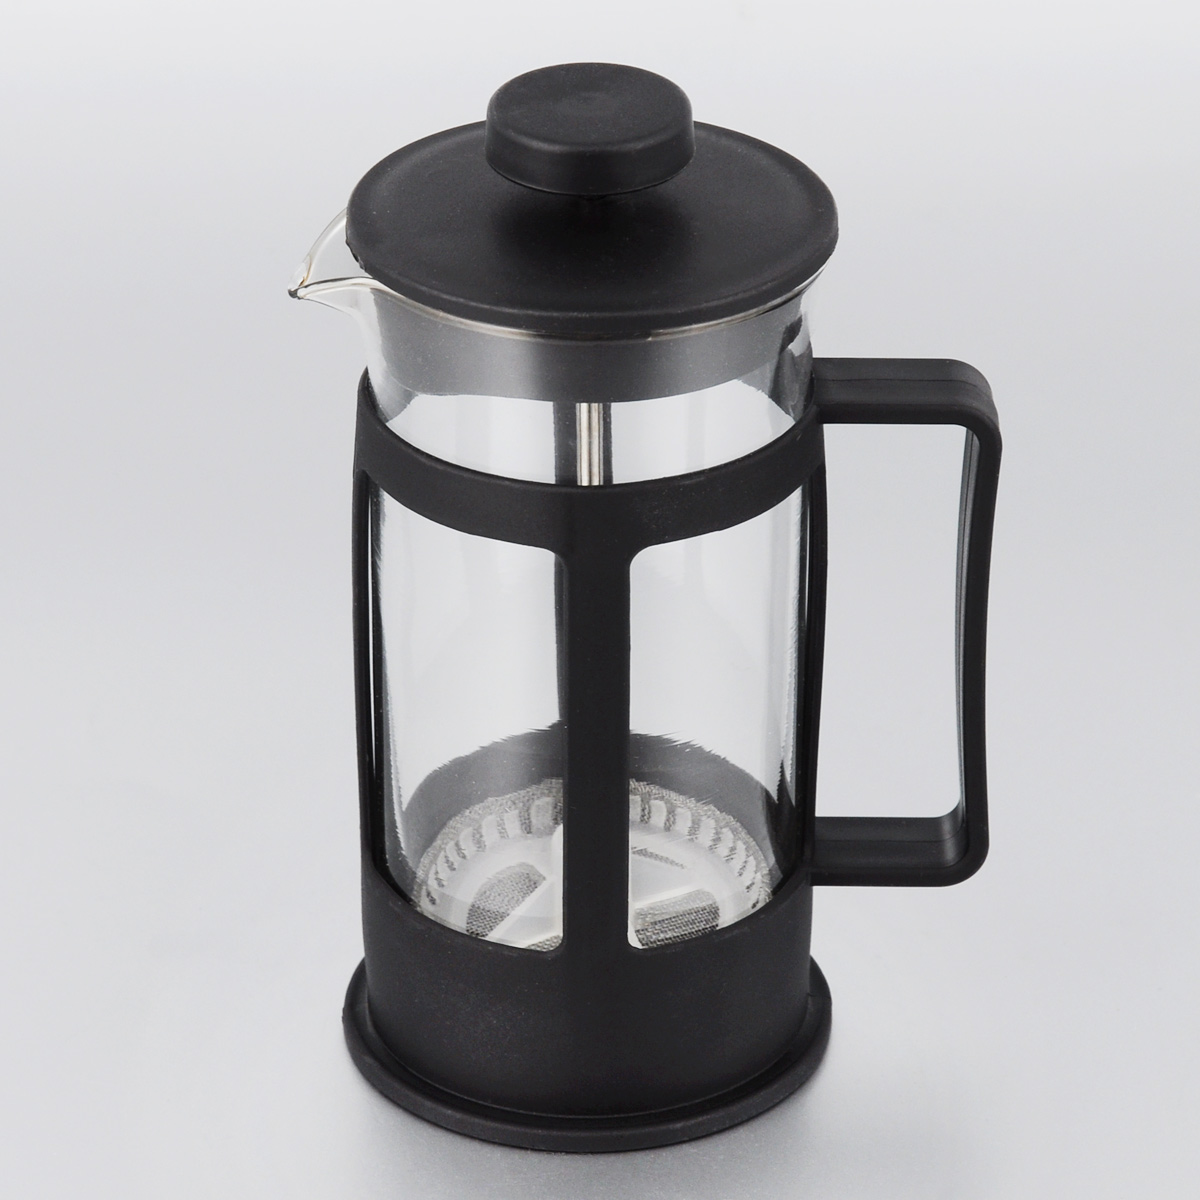 Френч-пресс МФК-профит, цвет: черный, 300 мл54 009312Френч-пресс МФК-профит поможет приготовить вкусный и ароматный чай или кофе. Корпус выполнен из высококачественного термостойкого пластика, а колба - из жаропрочного боросиликатного стекла. Чайник снабжен фильтром из метала с пластиковым элементом и удобной ручкой. Не рекомендуется использовать в посудомоечной машине и в микроволновой печи. Диаметр (по верхнему краю): 7 см. Высота чайника (без учета крышки): 14 см.